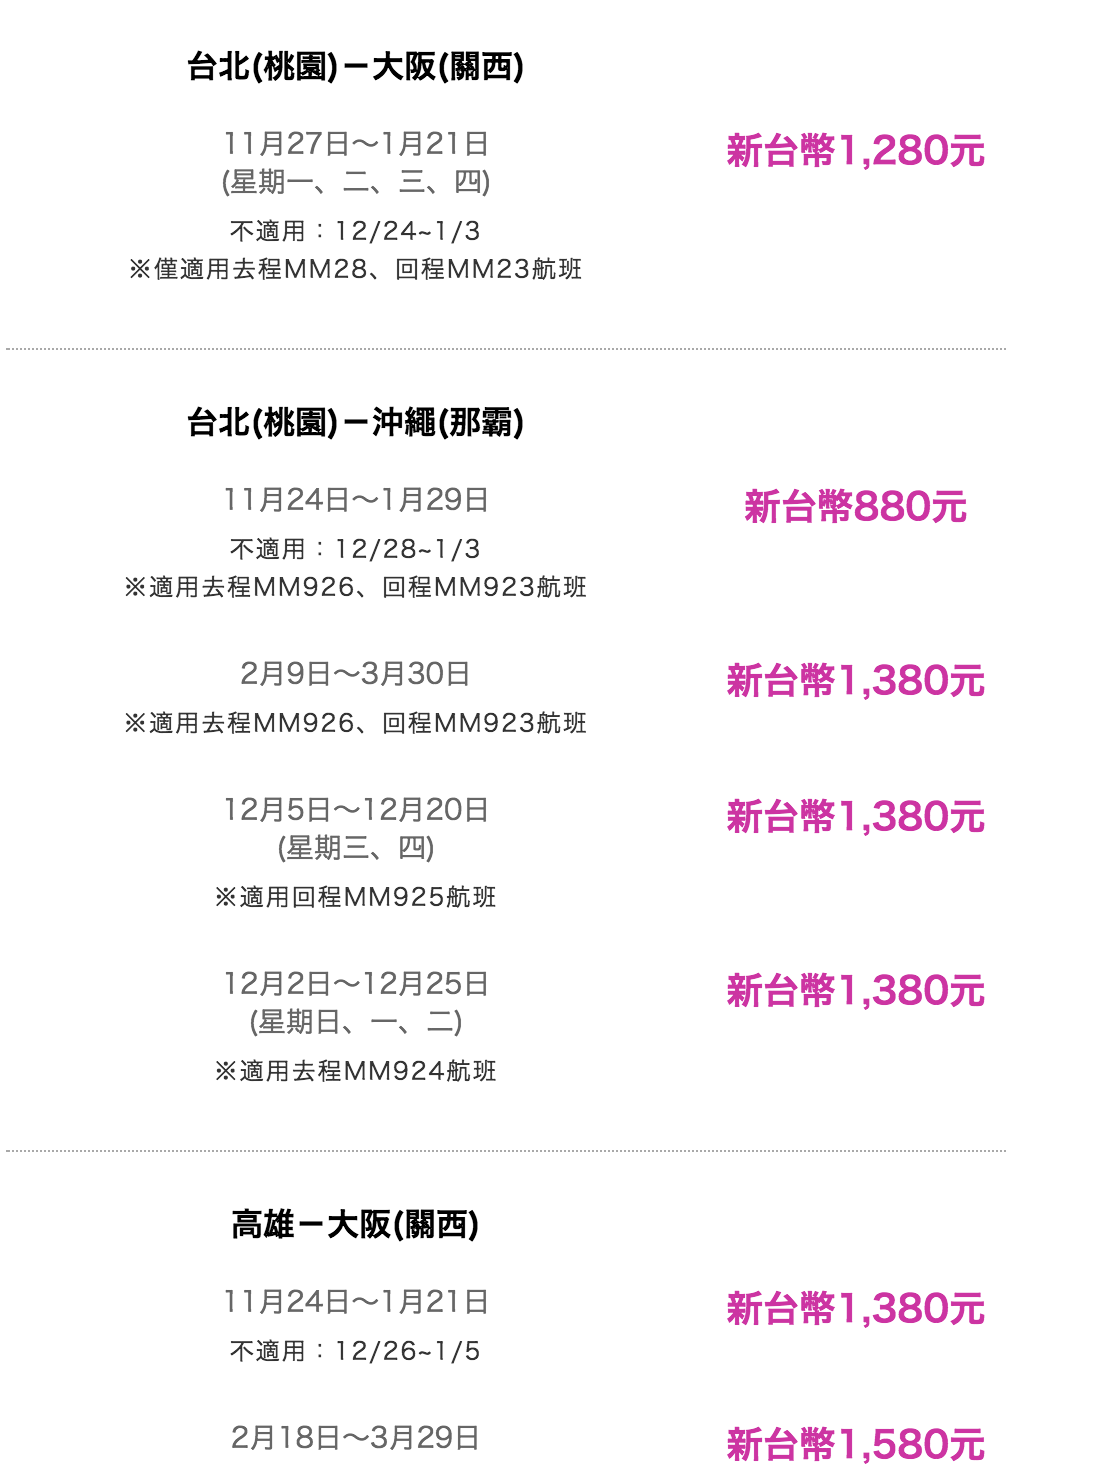 樂桃72小時特價,最低880元起~(11/08 00:00起)